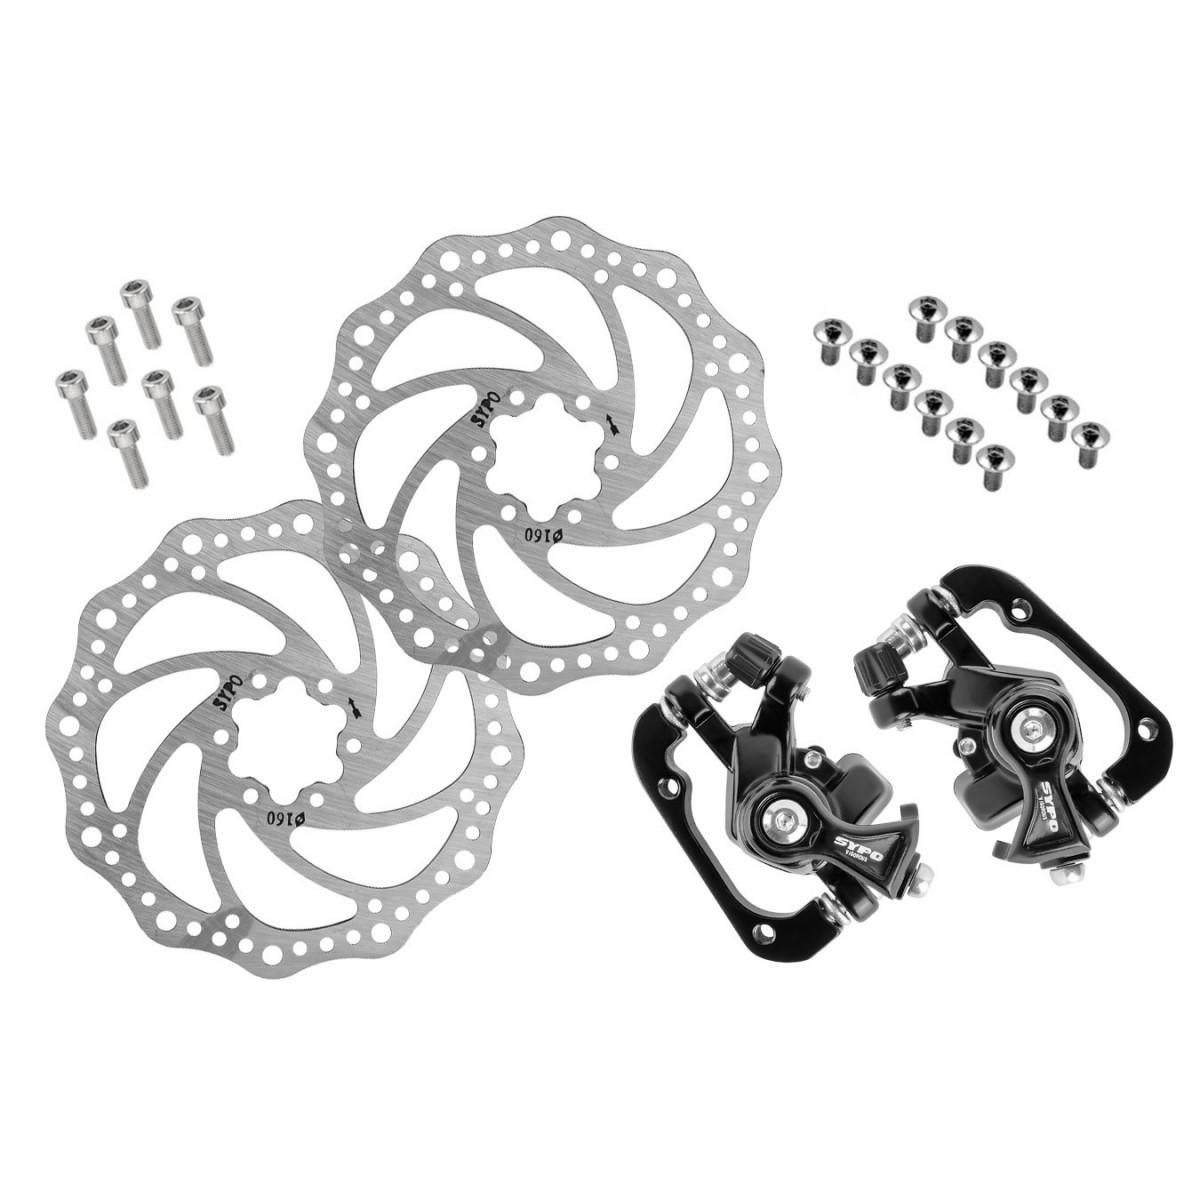 Kit Freio A Disco Sypo/GTA Mecanico C/ Rotores